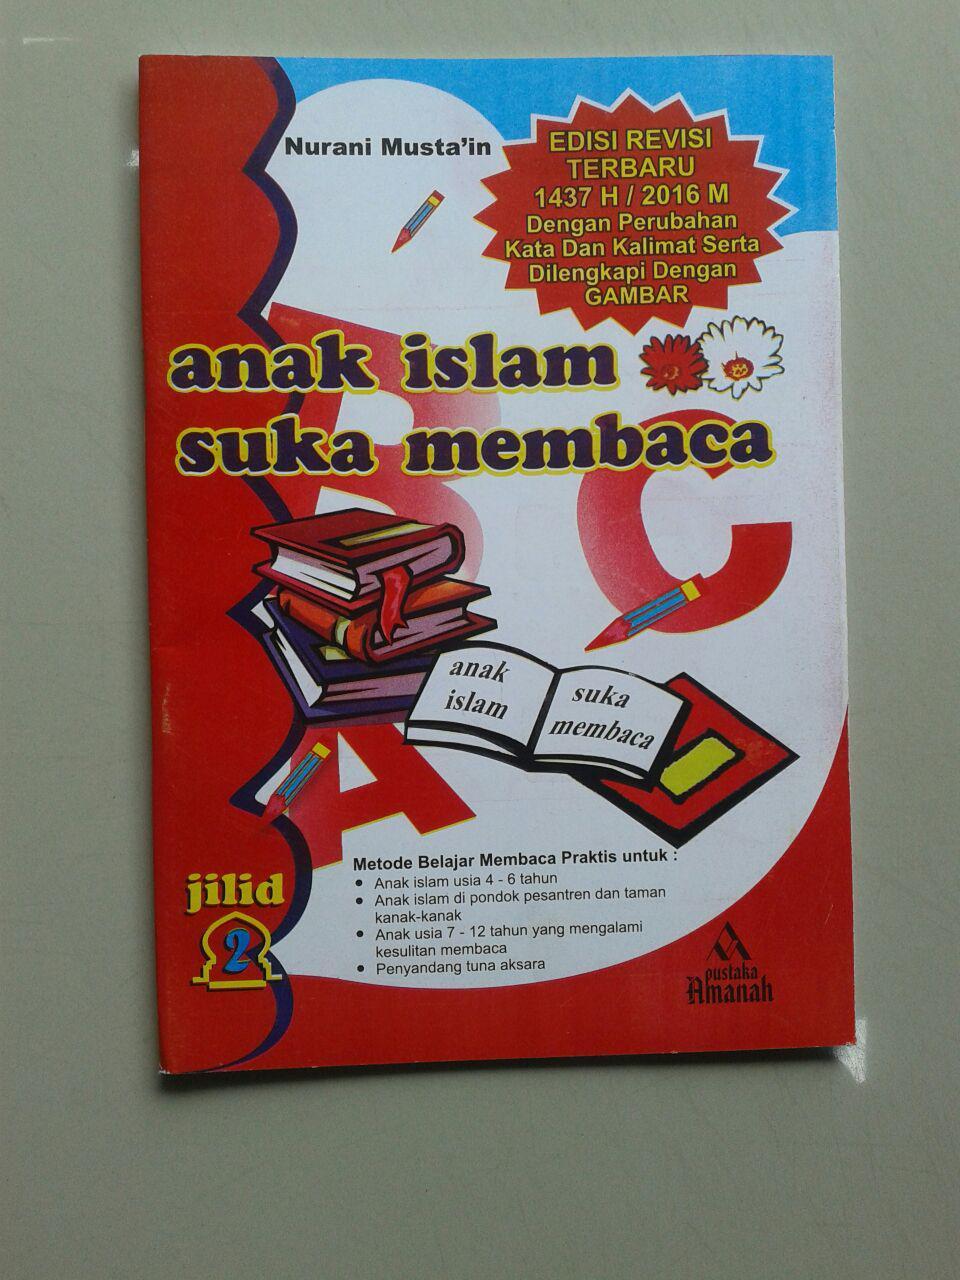 Buku Anak Islam Suka Membaca Set 5 Jilid cover 3